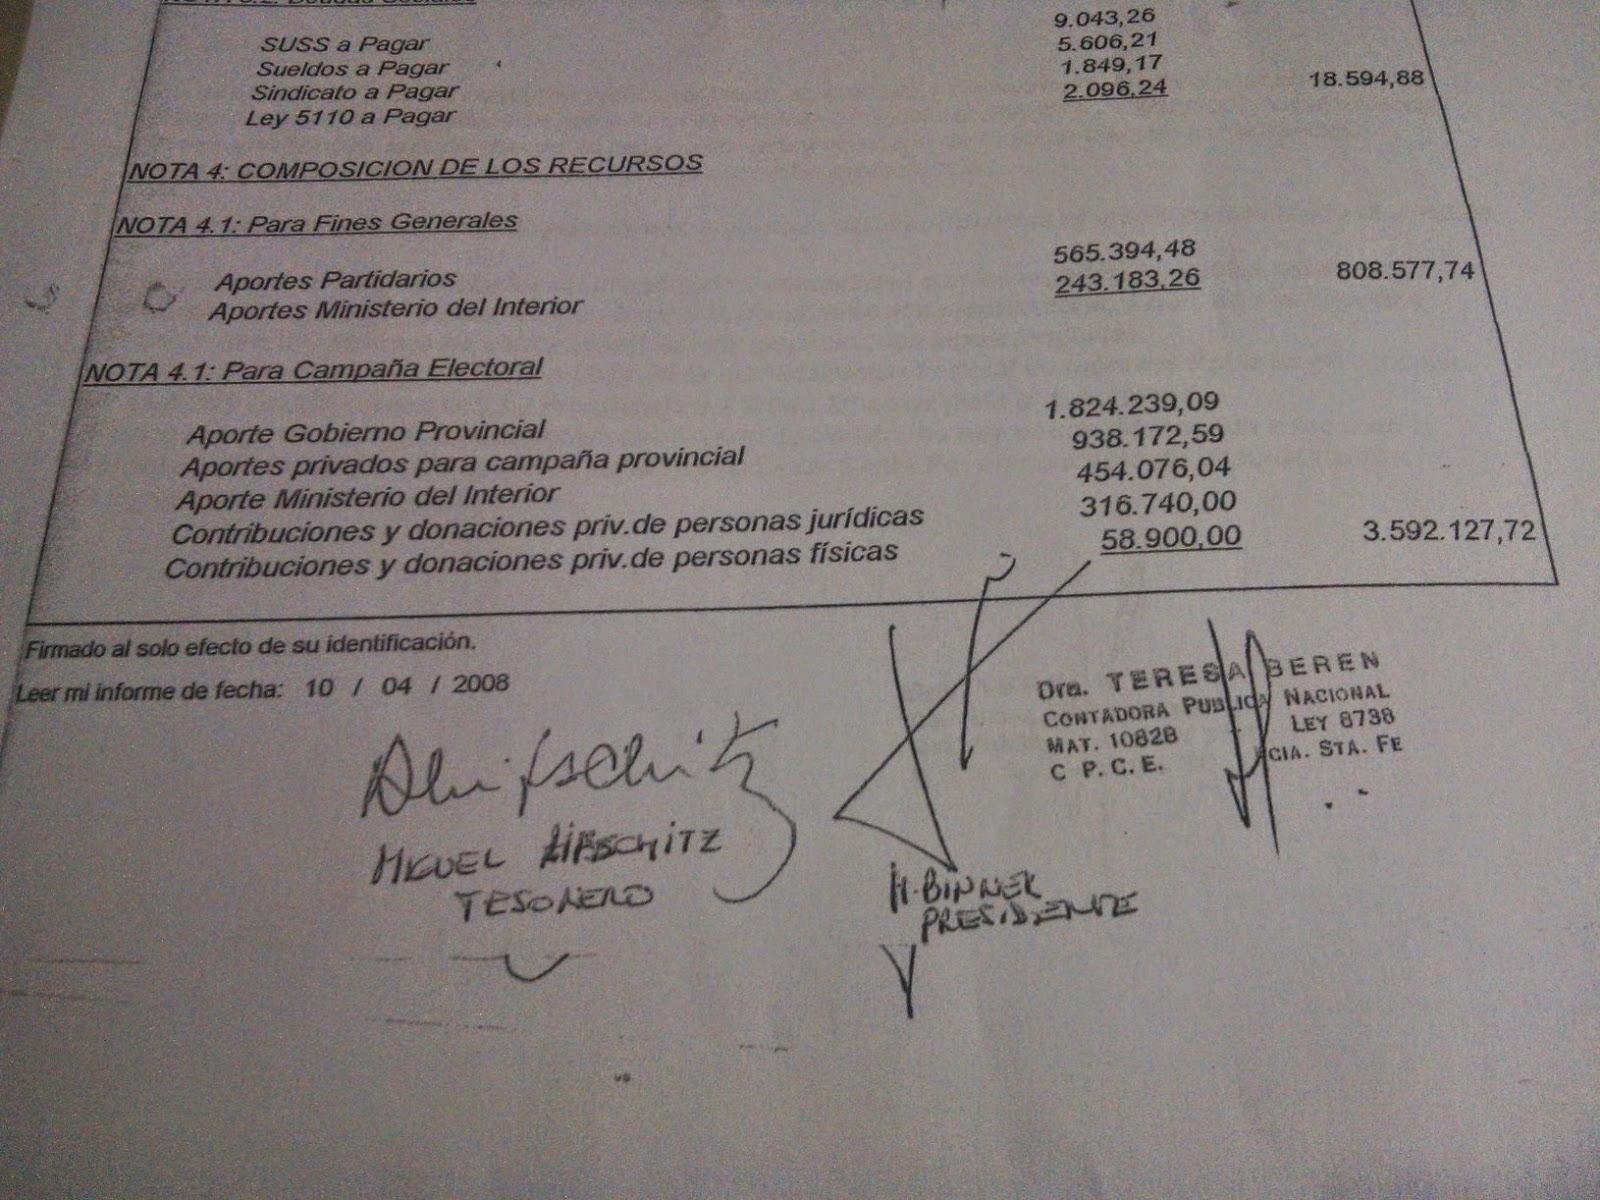 La firma de Binner y Lifschitz en el balance desaprobado de 2007.